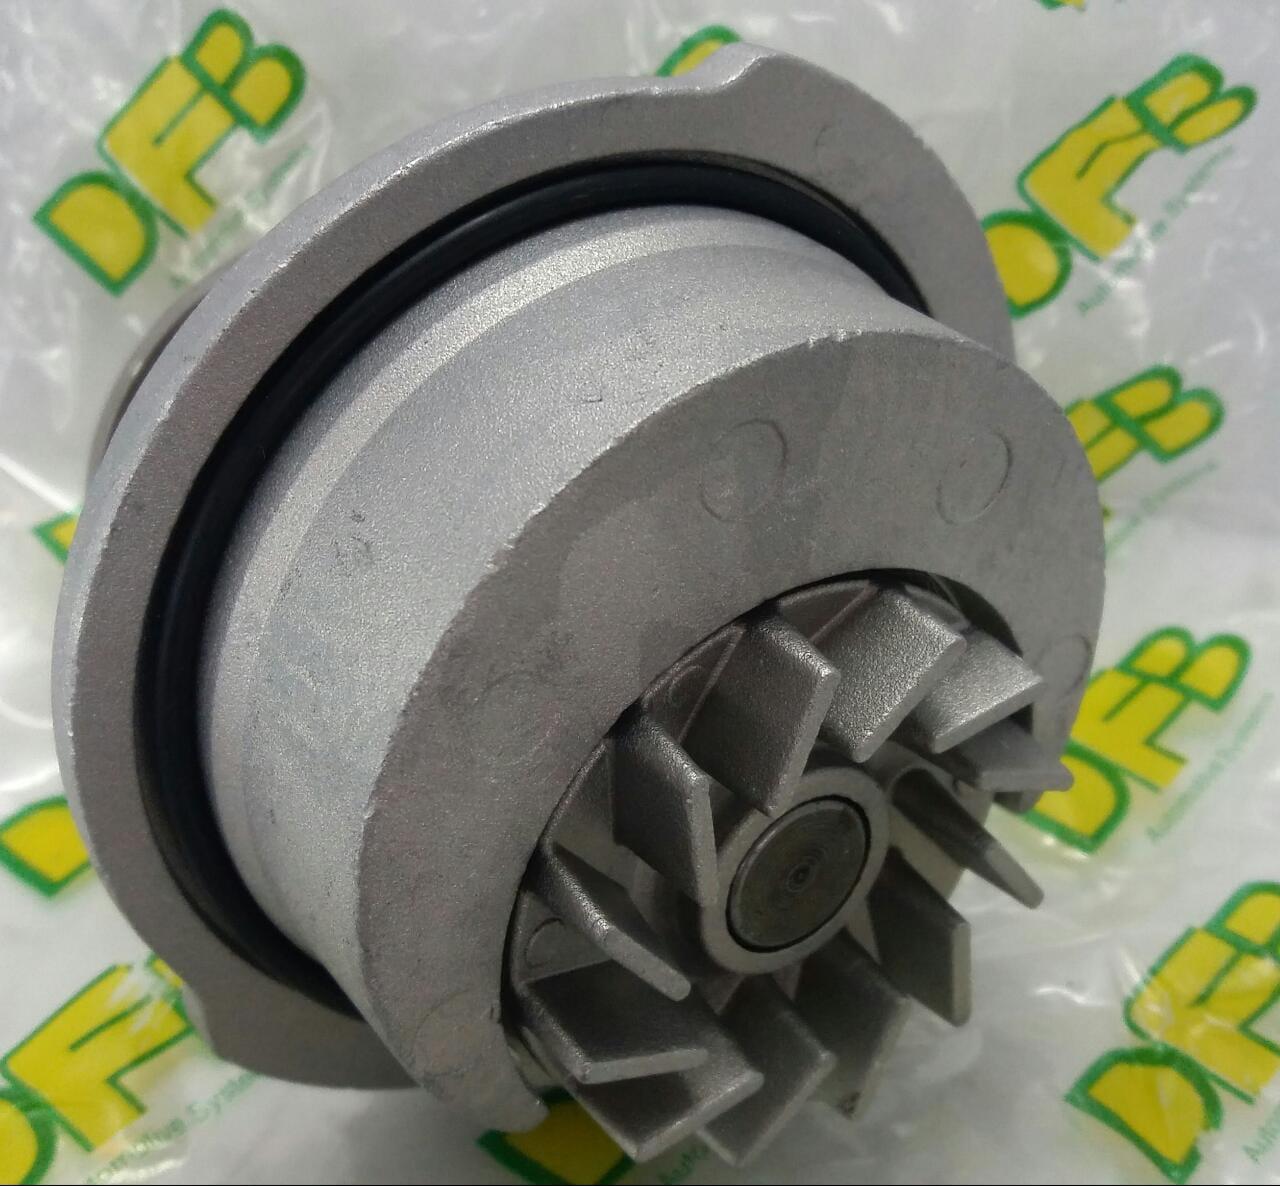 Bomba dagua Corsa 1.0 1.6 16V de 1995/02 - Tigra 1.6 16v de 1998/99-BD9379